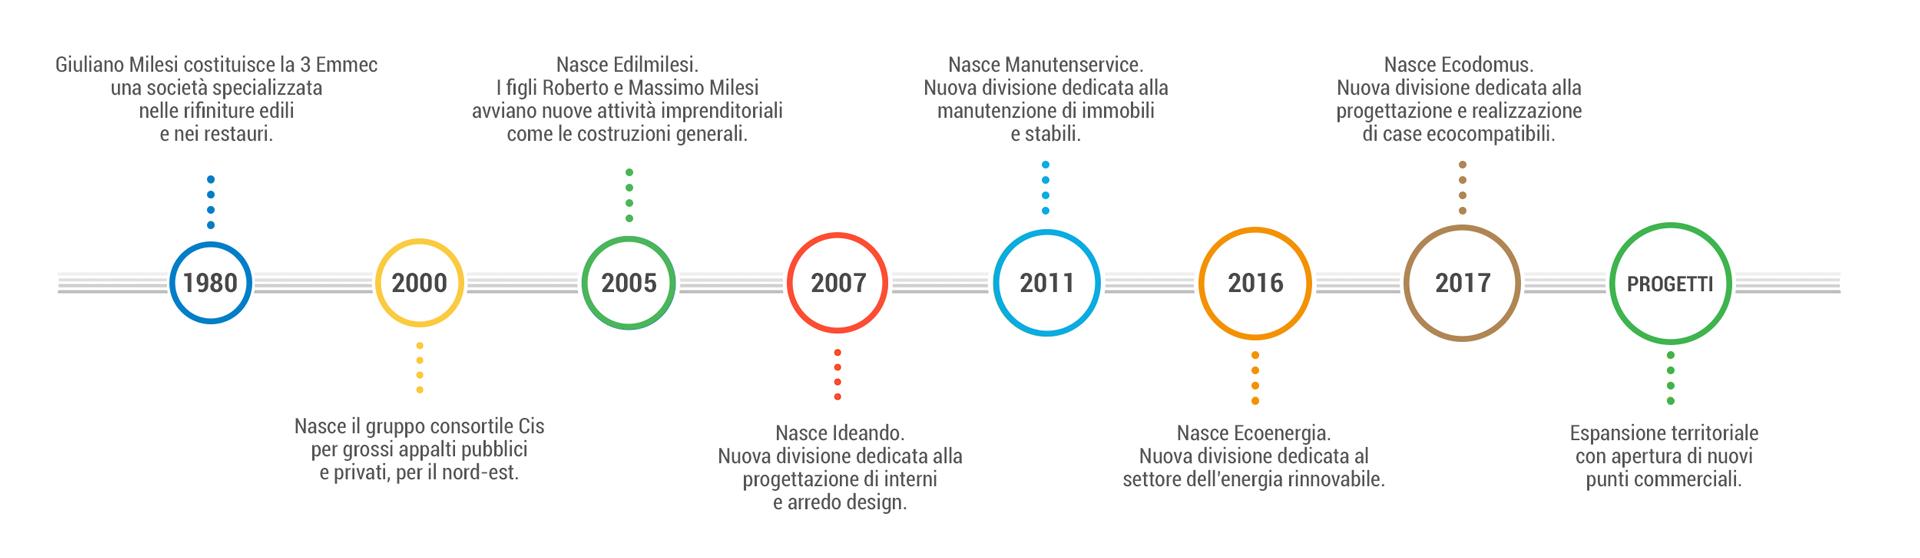 Timeline Gruppo Milesi